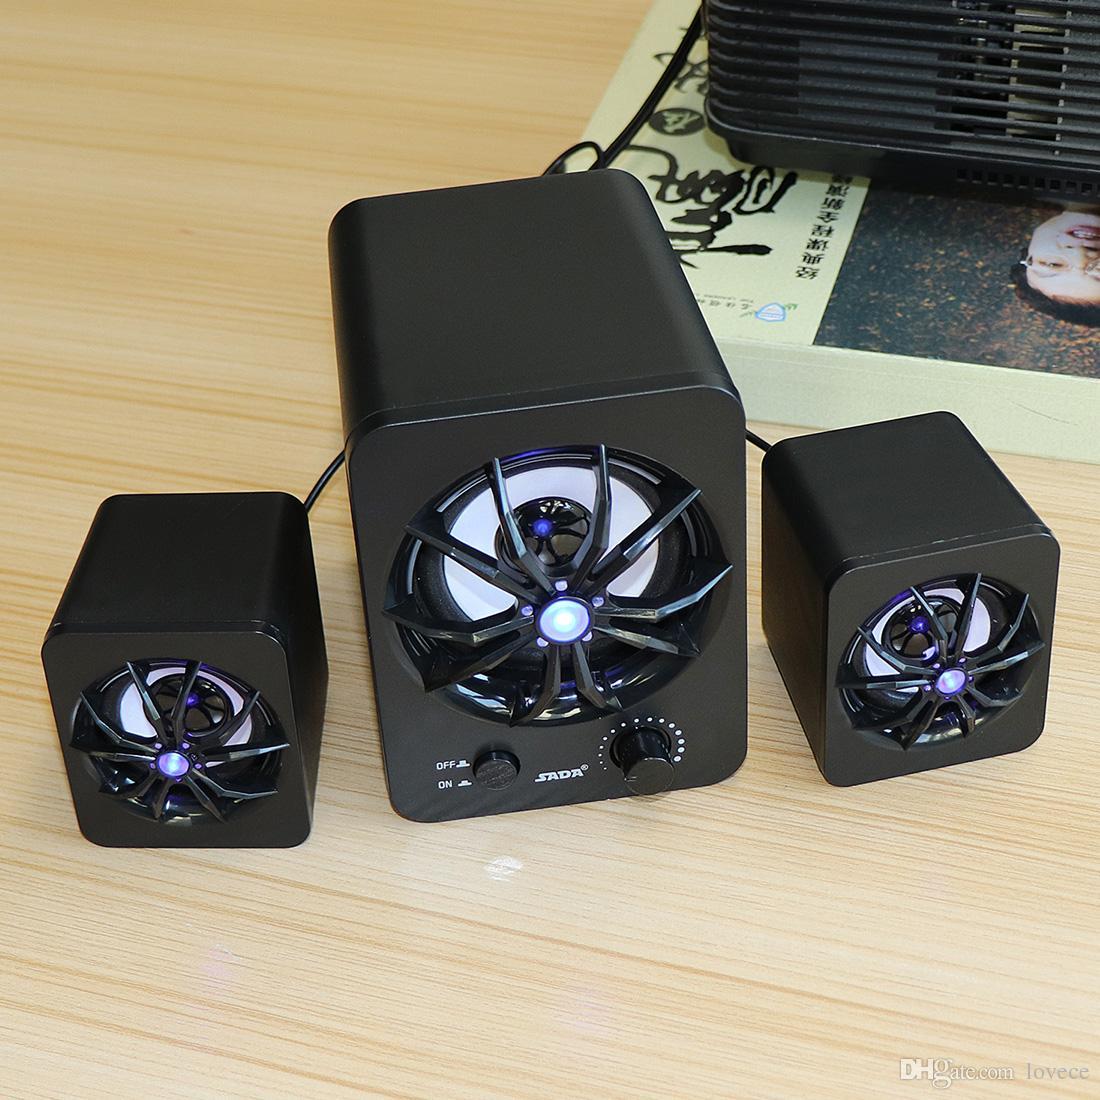 SADA LED 2.1 сабвуфер 3-канальный динамик USB питание активный мультимедийный комбинированный динамик для настольных ПК ноутбук MP3 мобильный телефон PMP_71A